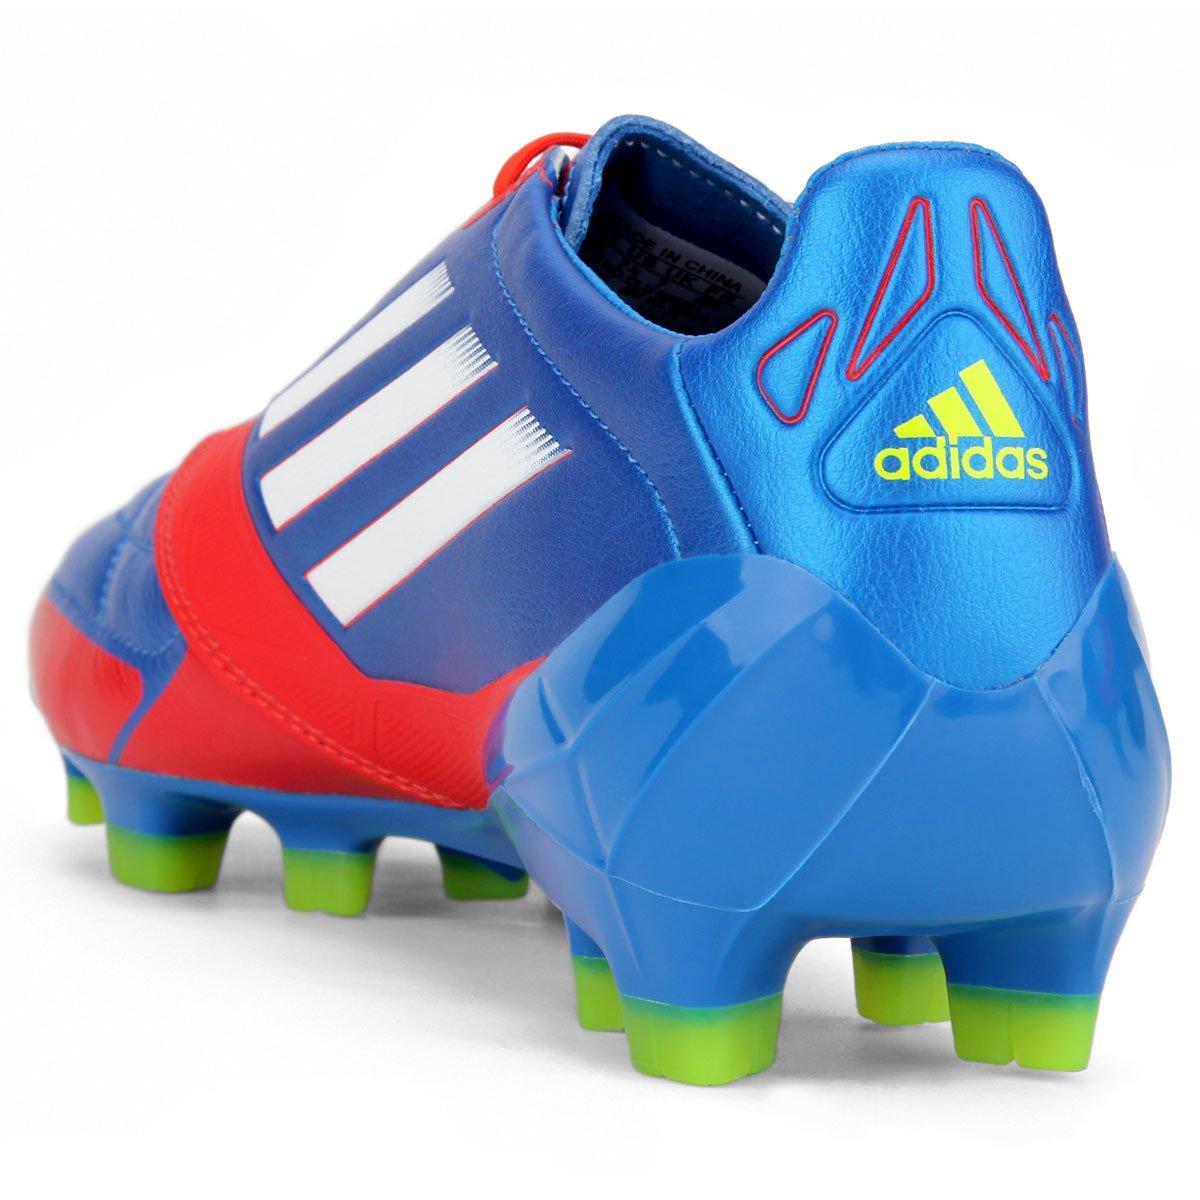 dfe090557afef Chuteira Adidas F50 Adizero TRX FG - Azul e Vermelho